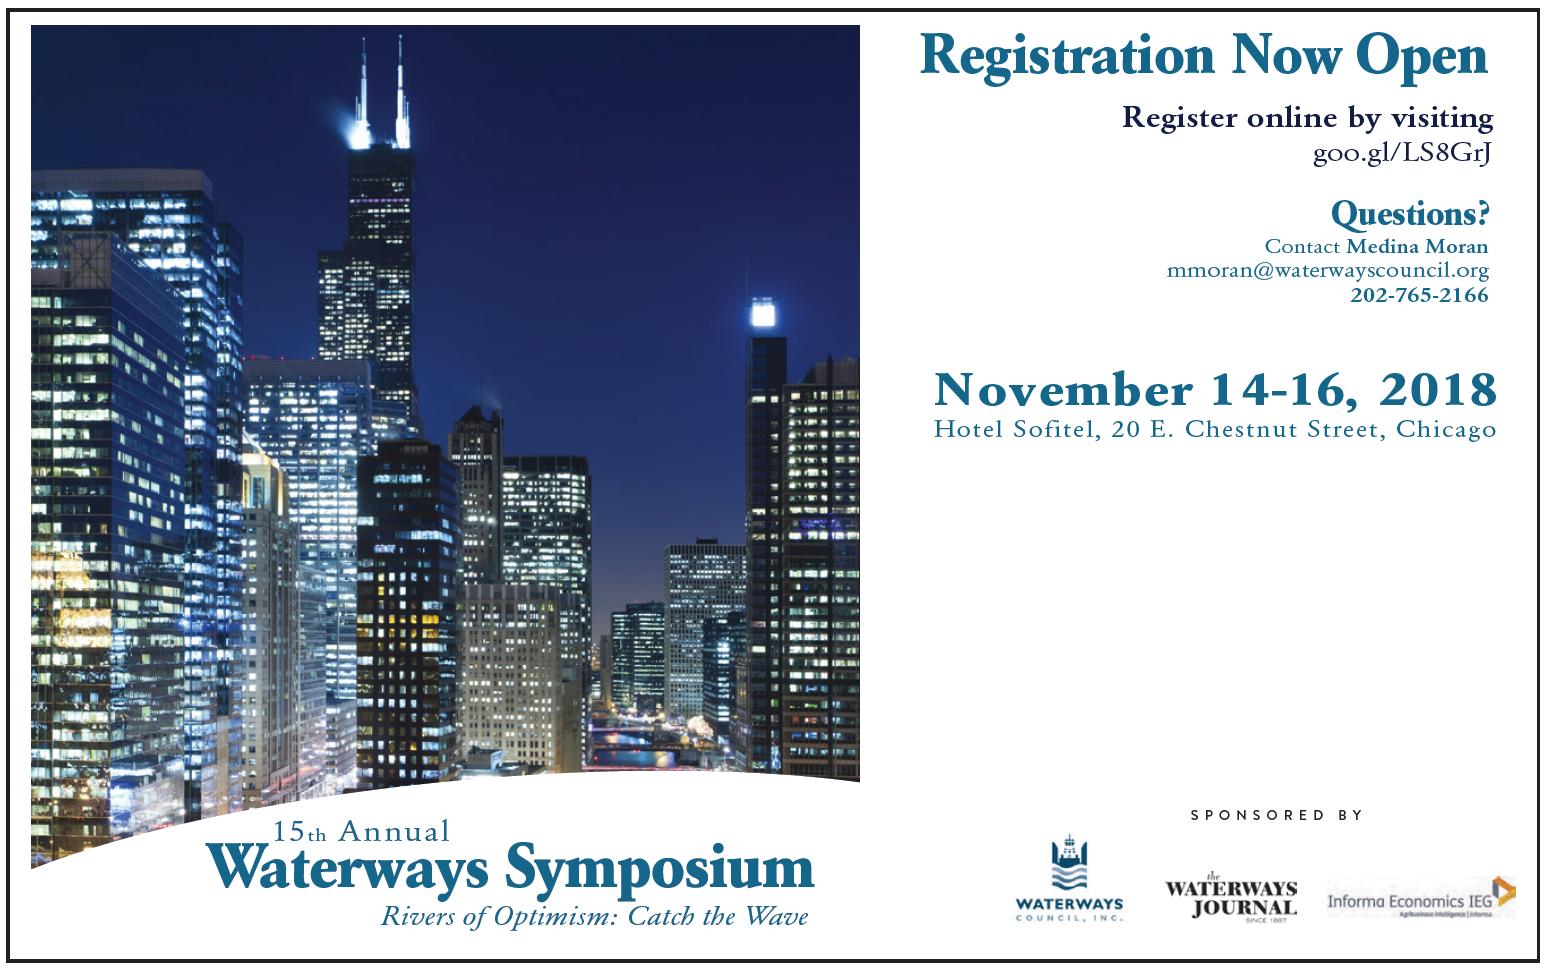 Waterways Council (Half) Waterways Symposium